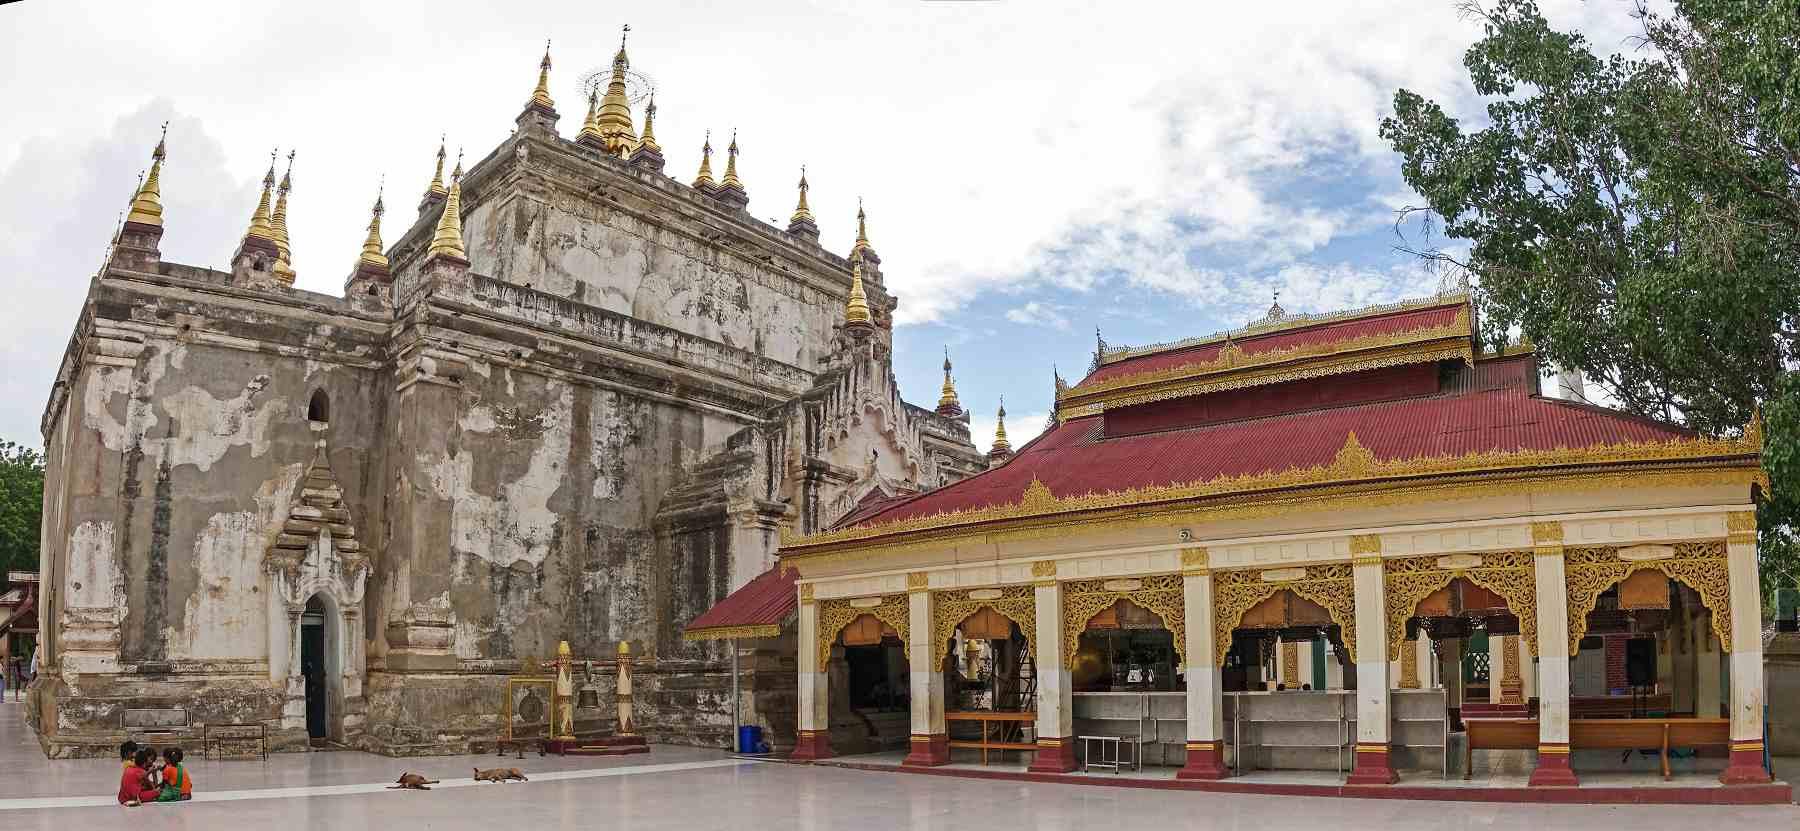 Exterior of Manuha Temple, Bagan, Myanmar